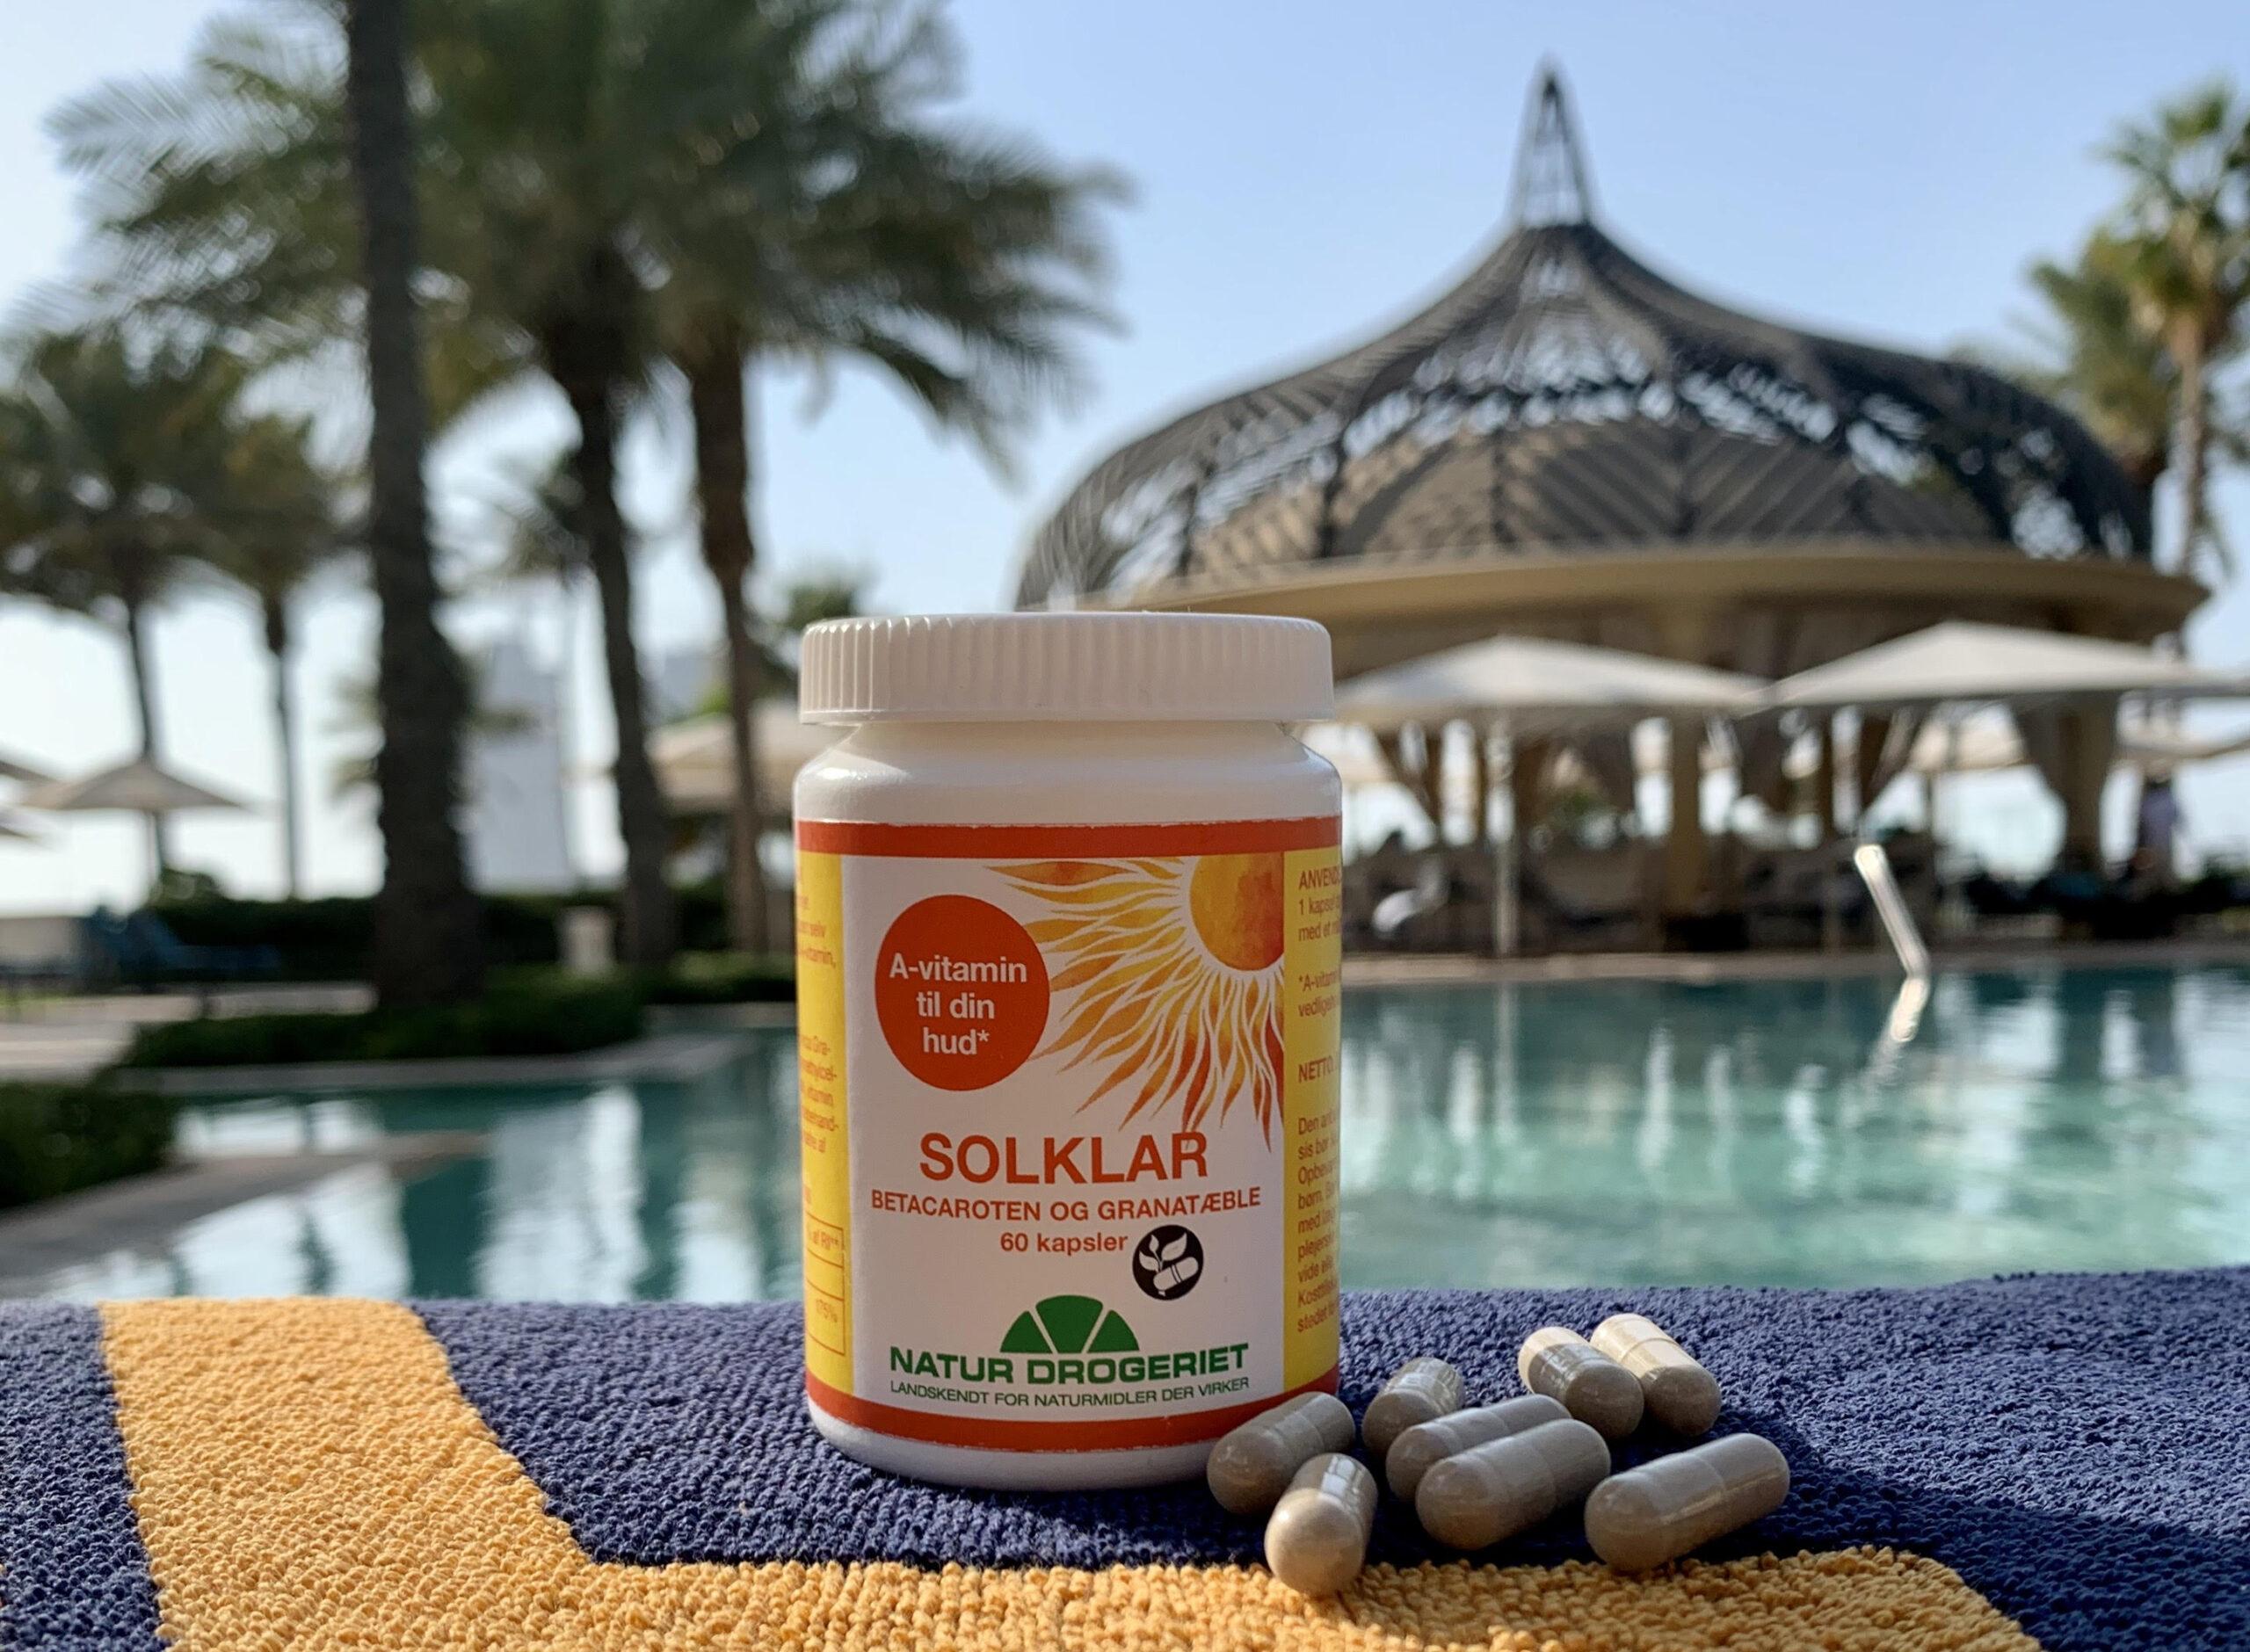 Solklar, test, hudpleje, kosttilskud, Vitamin A, sol